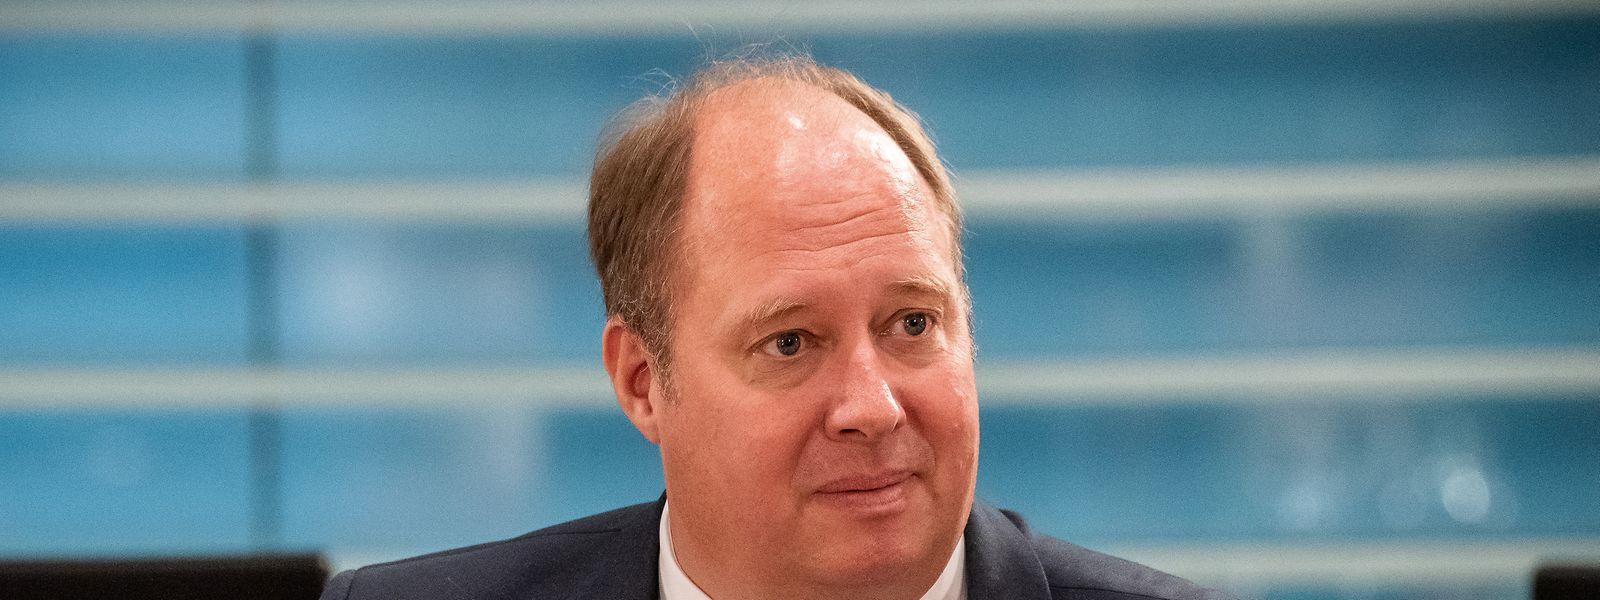 Helge Braun (CDU) ist Chef des Bundeskanzleramtes und Bundesminister für besondere Aufgaben.